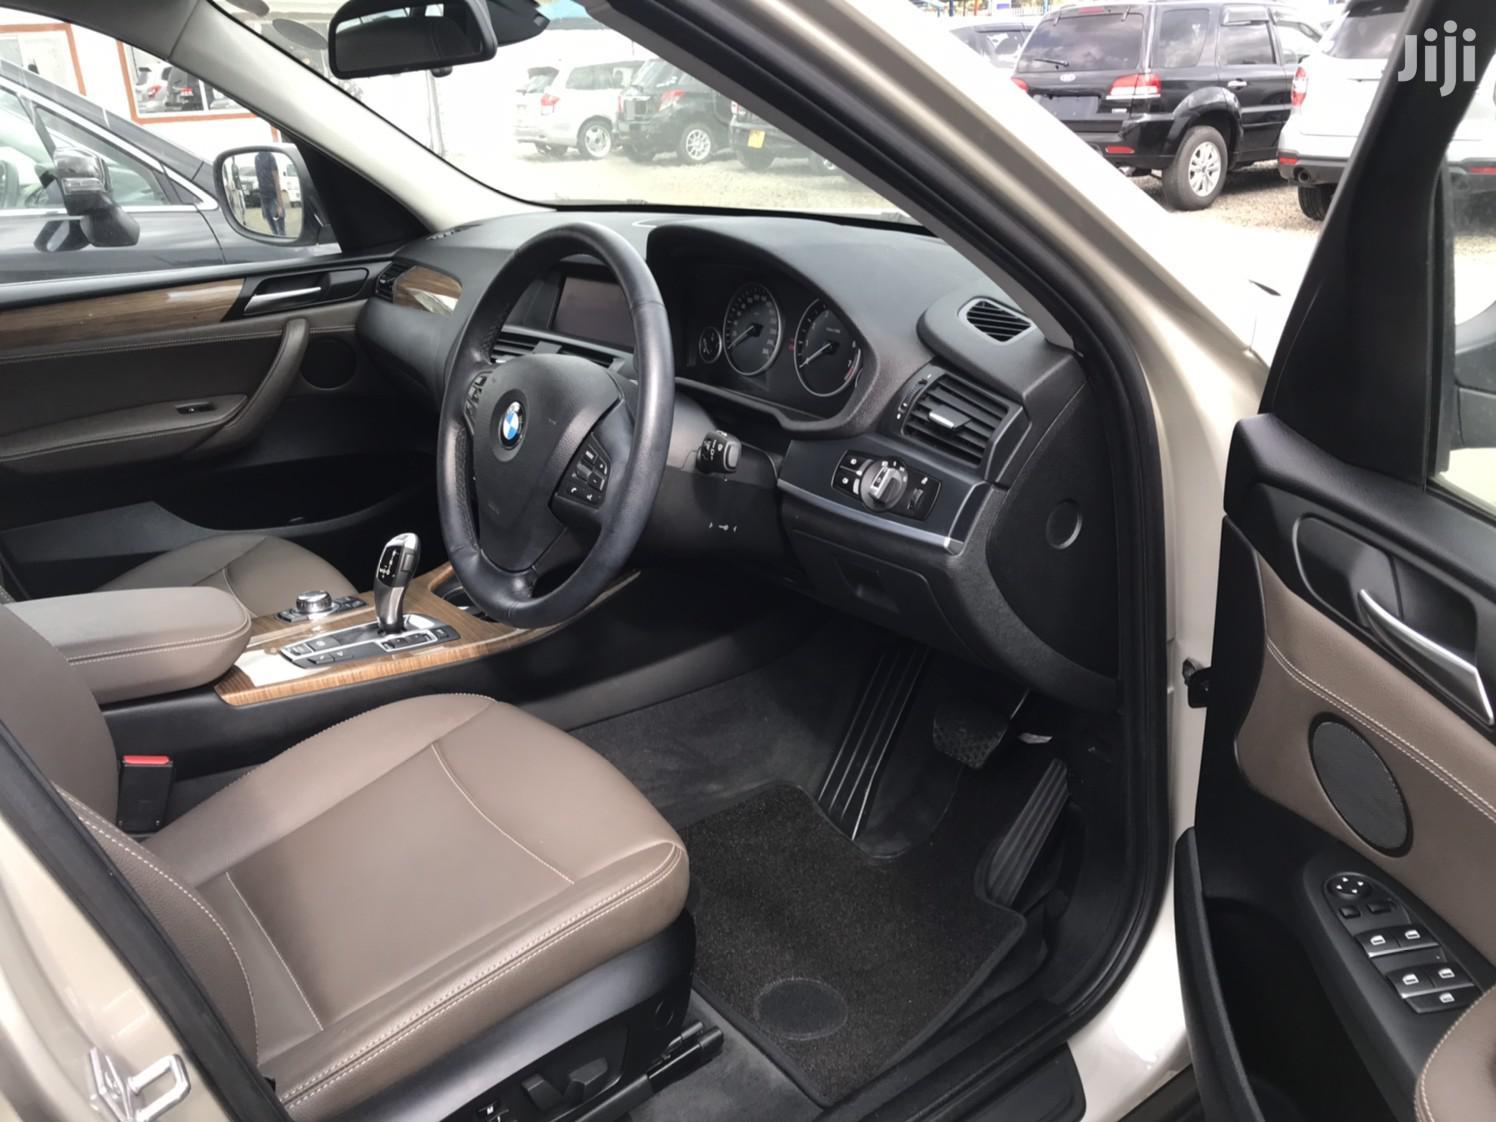 New BMW X3 2012 Gold | Cars for sale in Makina, Nairobi, Kenya